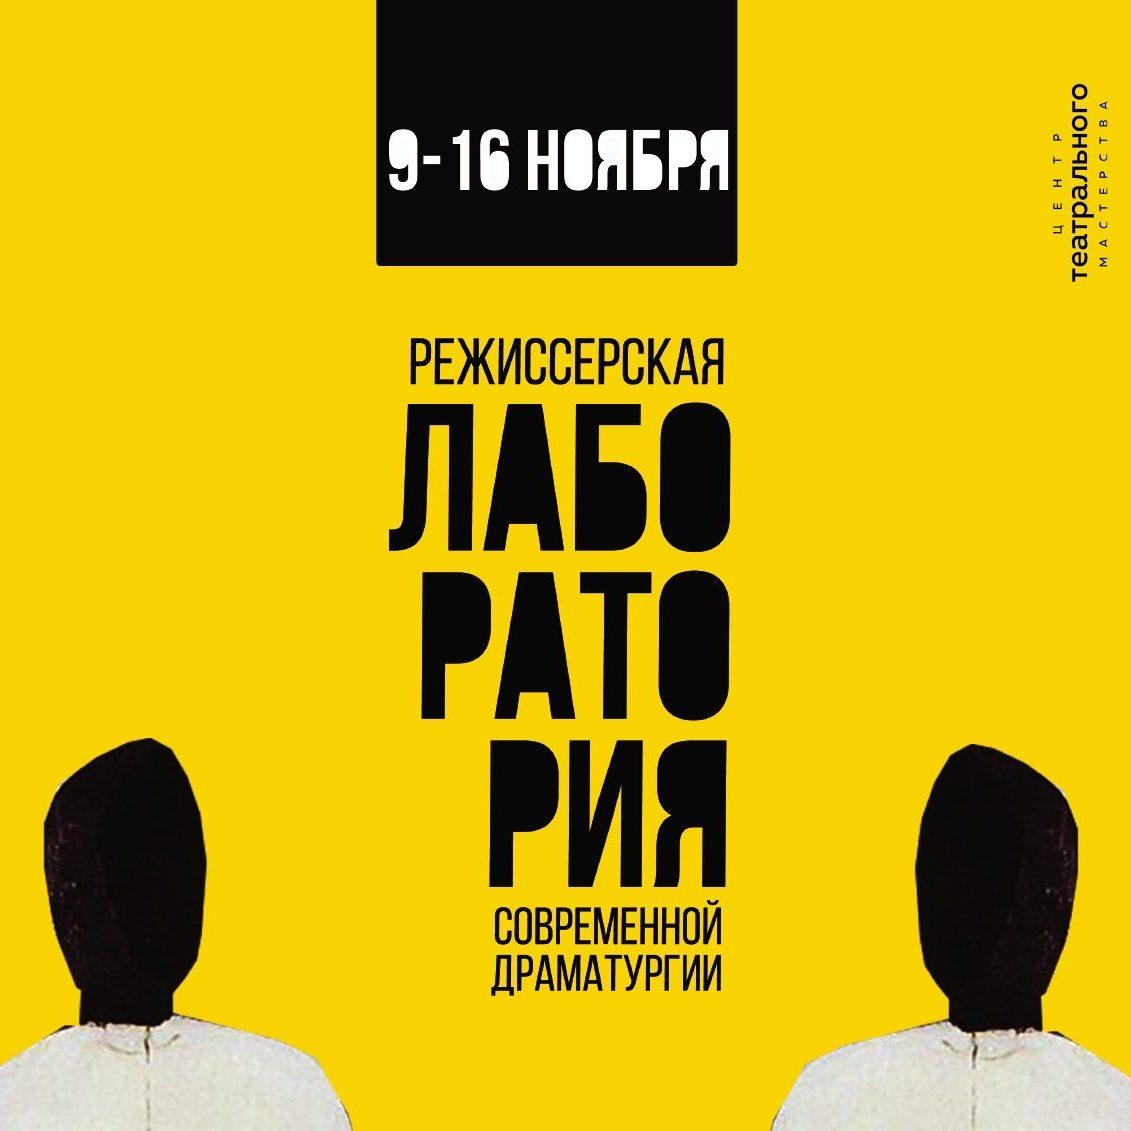 Режиссерская лаборатория современной драматургии